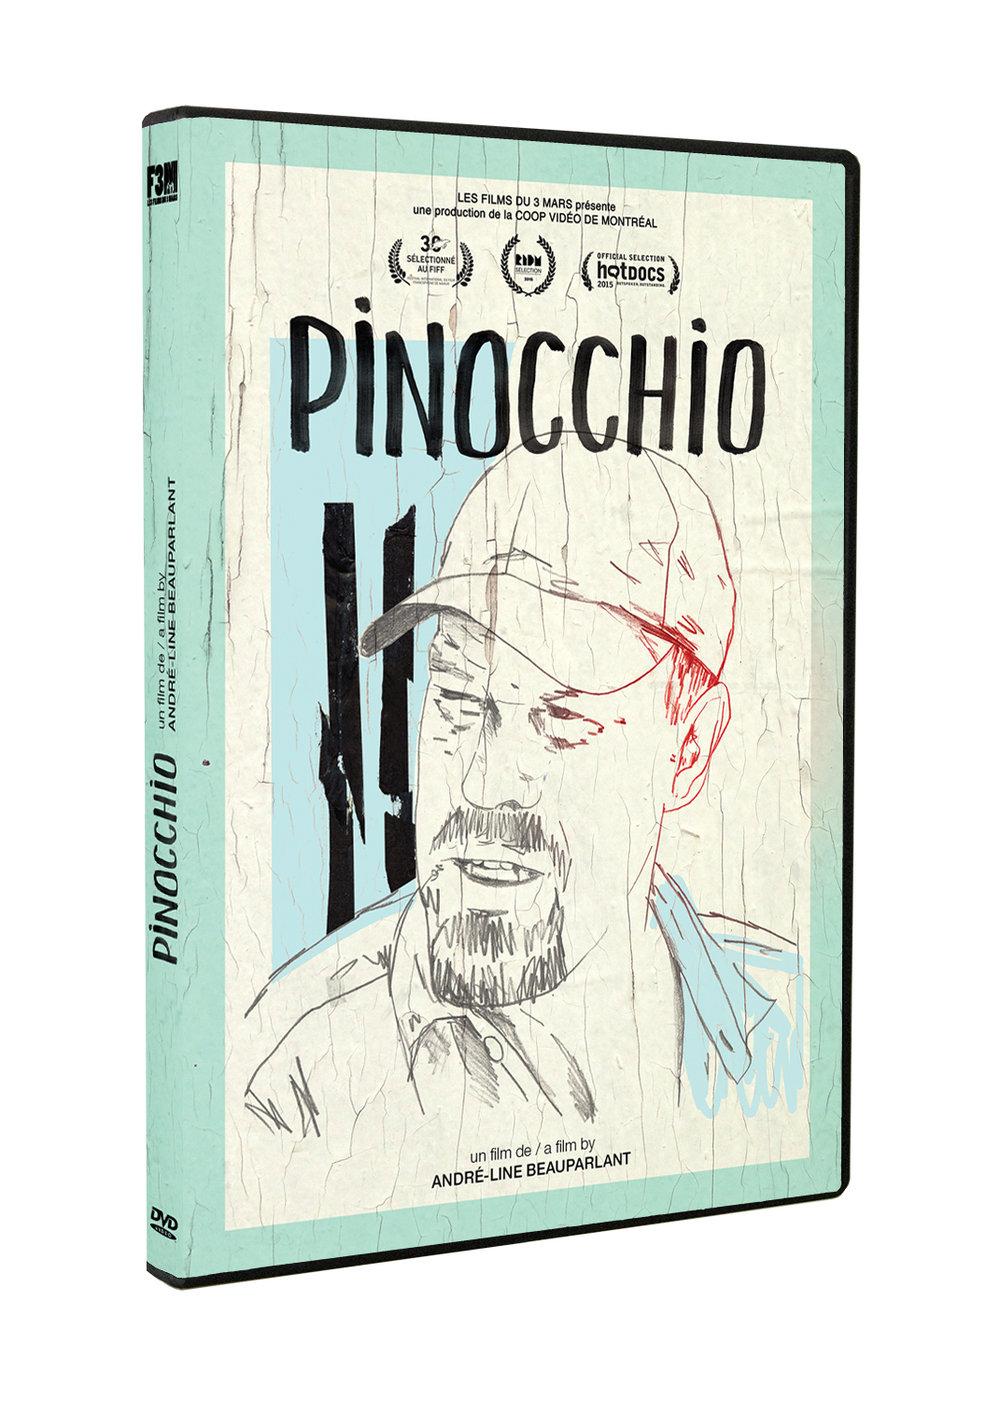 Pinocchio_DVD_Boitier_3D.jpg